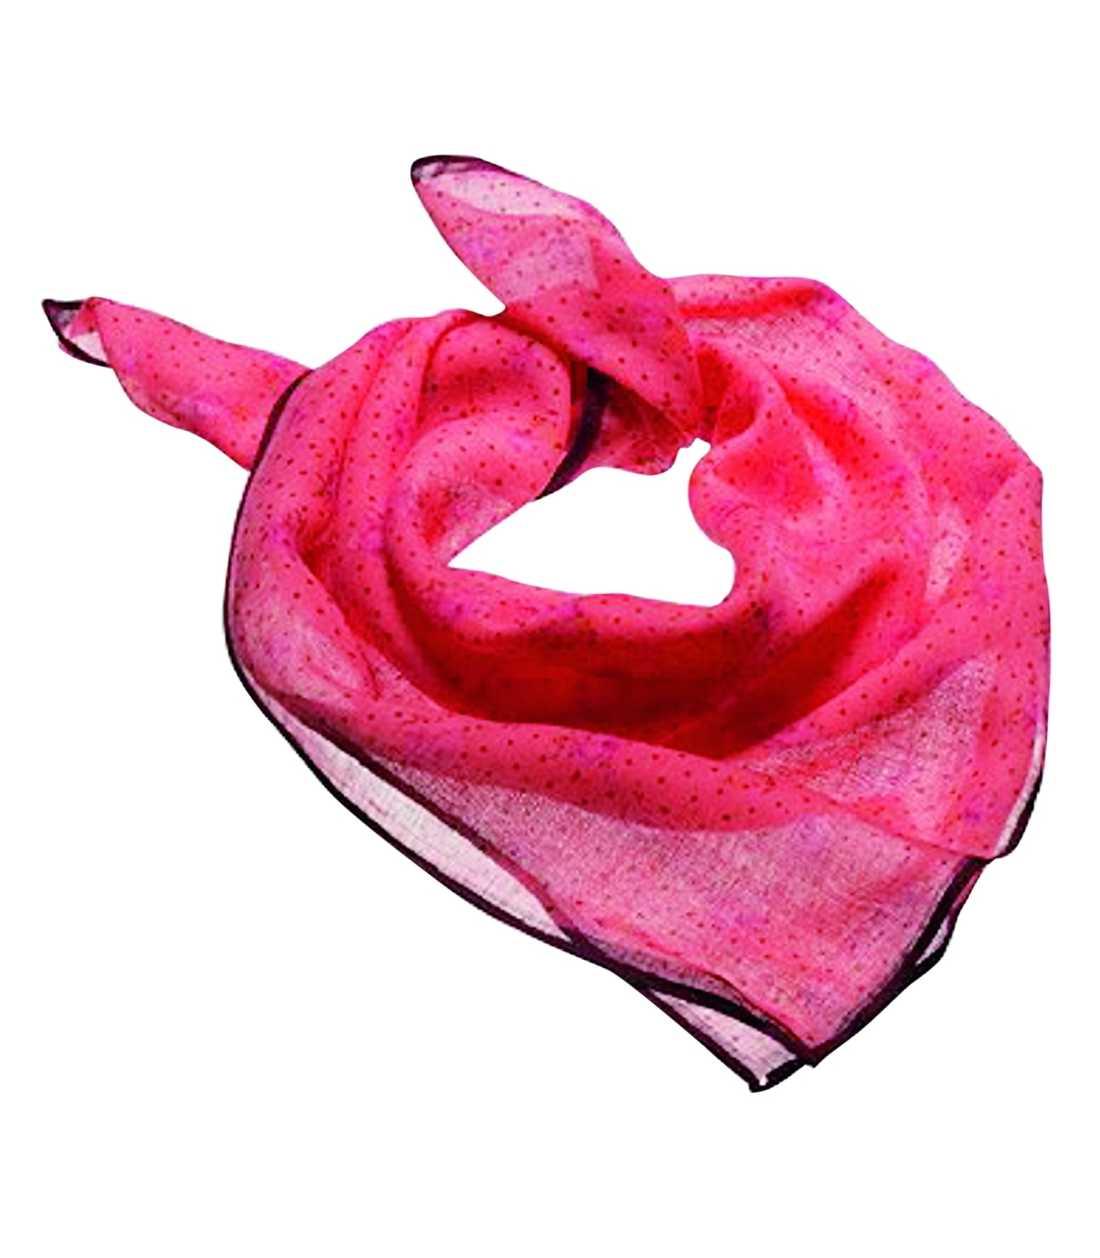 Knyt en blekröd sjalett runt halsen för en glammig retrolook. Kostar 39,50 kronor på www.hm.com